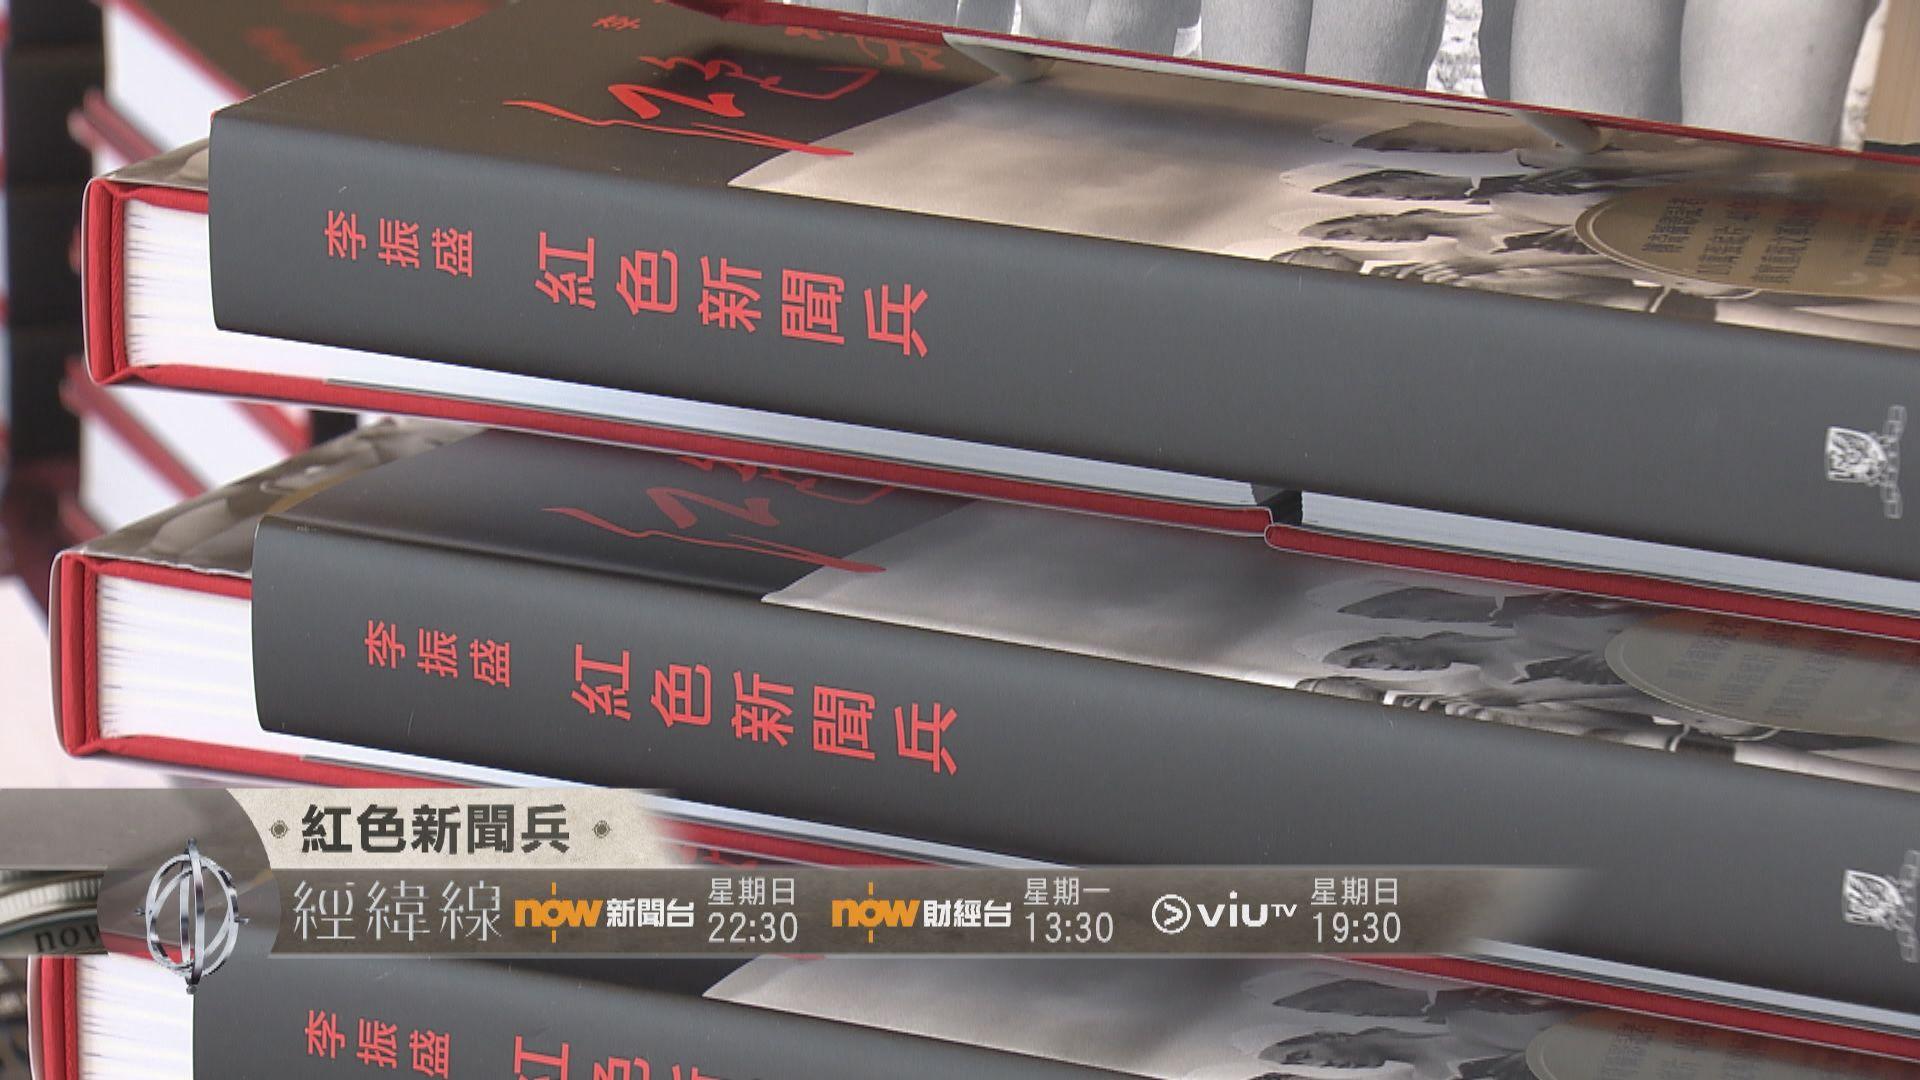 【經緯線本周提要】紅色新聞兵